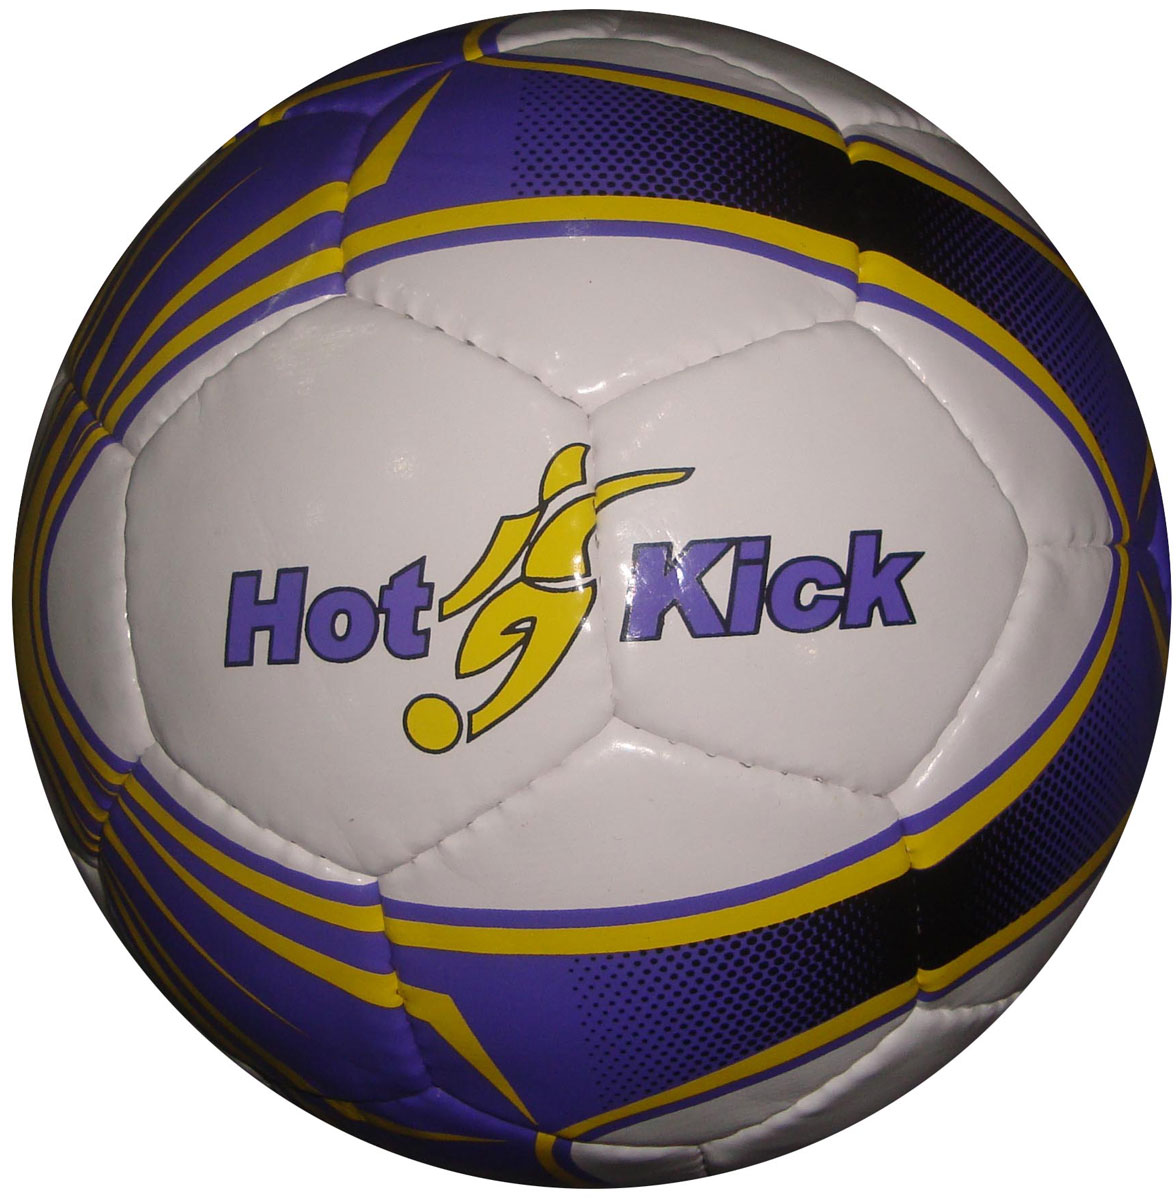 """Отличным приобретением для активного семейного отдыха или организации досуга шумной ребятни станет """"Мяч футбольный Tata Pak 1014Bпц"""". Мяч выполнен в сине-белой цветовой гамме, имеет 5 размер и диаметр 22 см. Играя с футбольным мячом """"Tata Pak 1014Bпц"""", ребенок отлично потренирует ловкость, разовьет координацию и активность движений, получит неподдельный восторг от динамичного развлечения."""